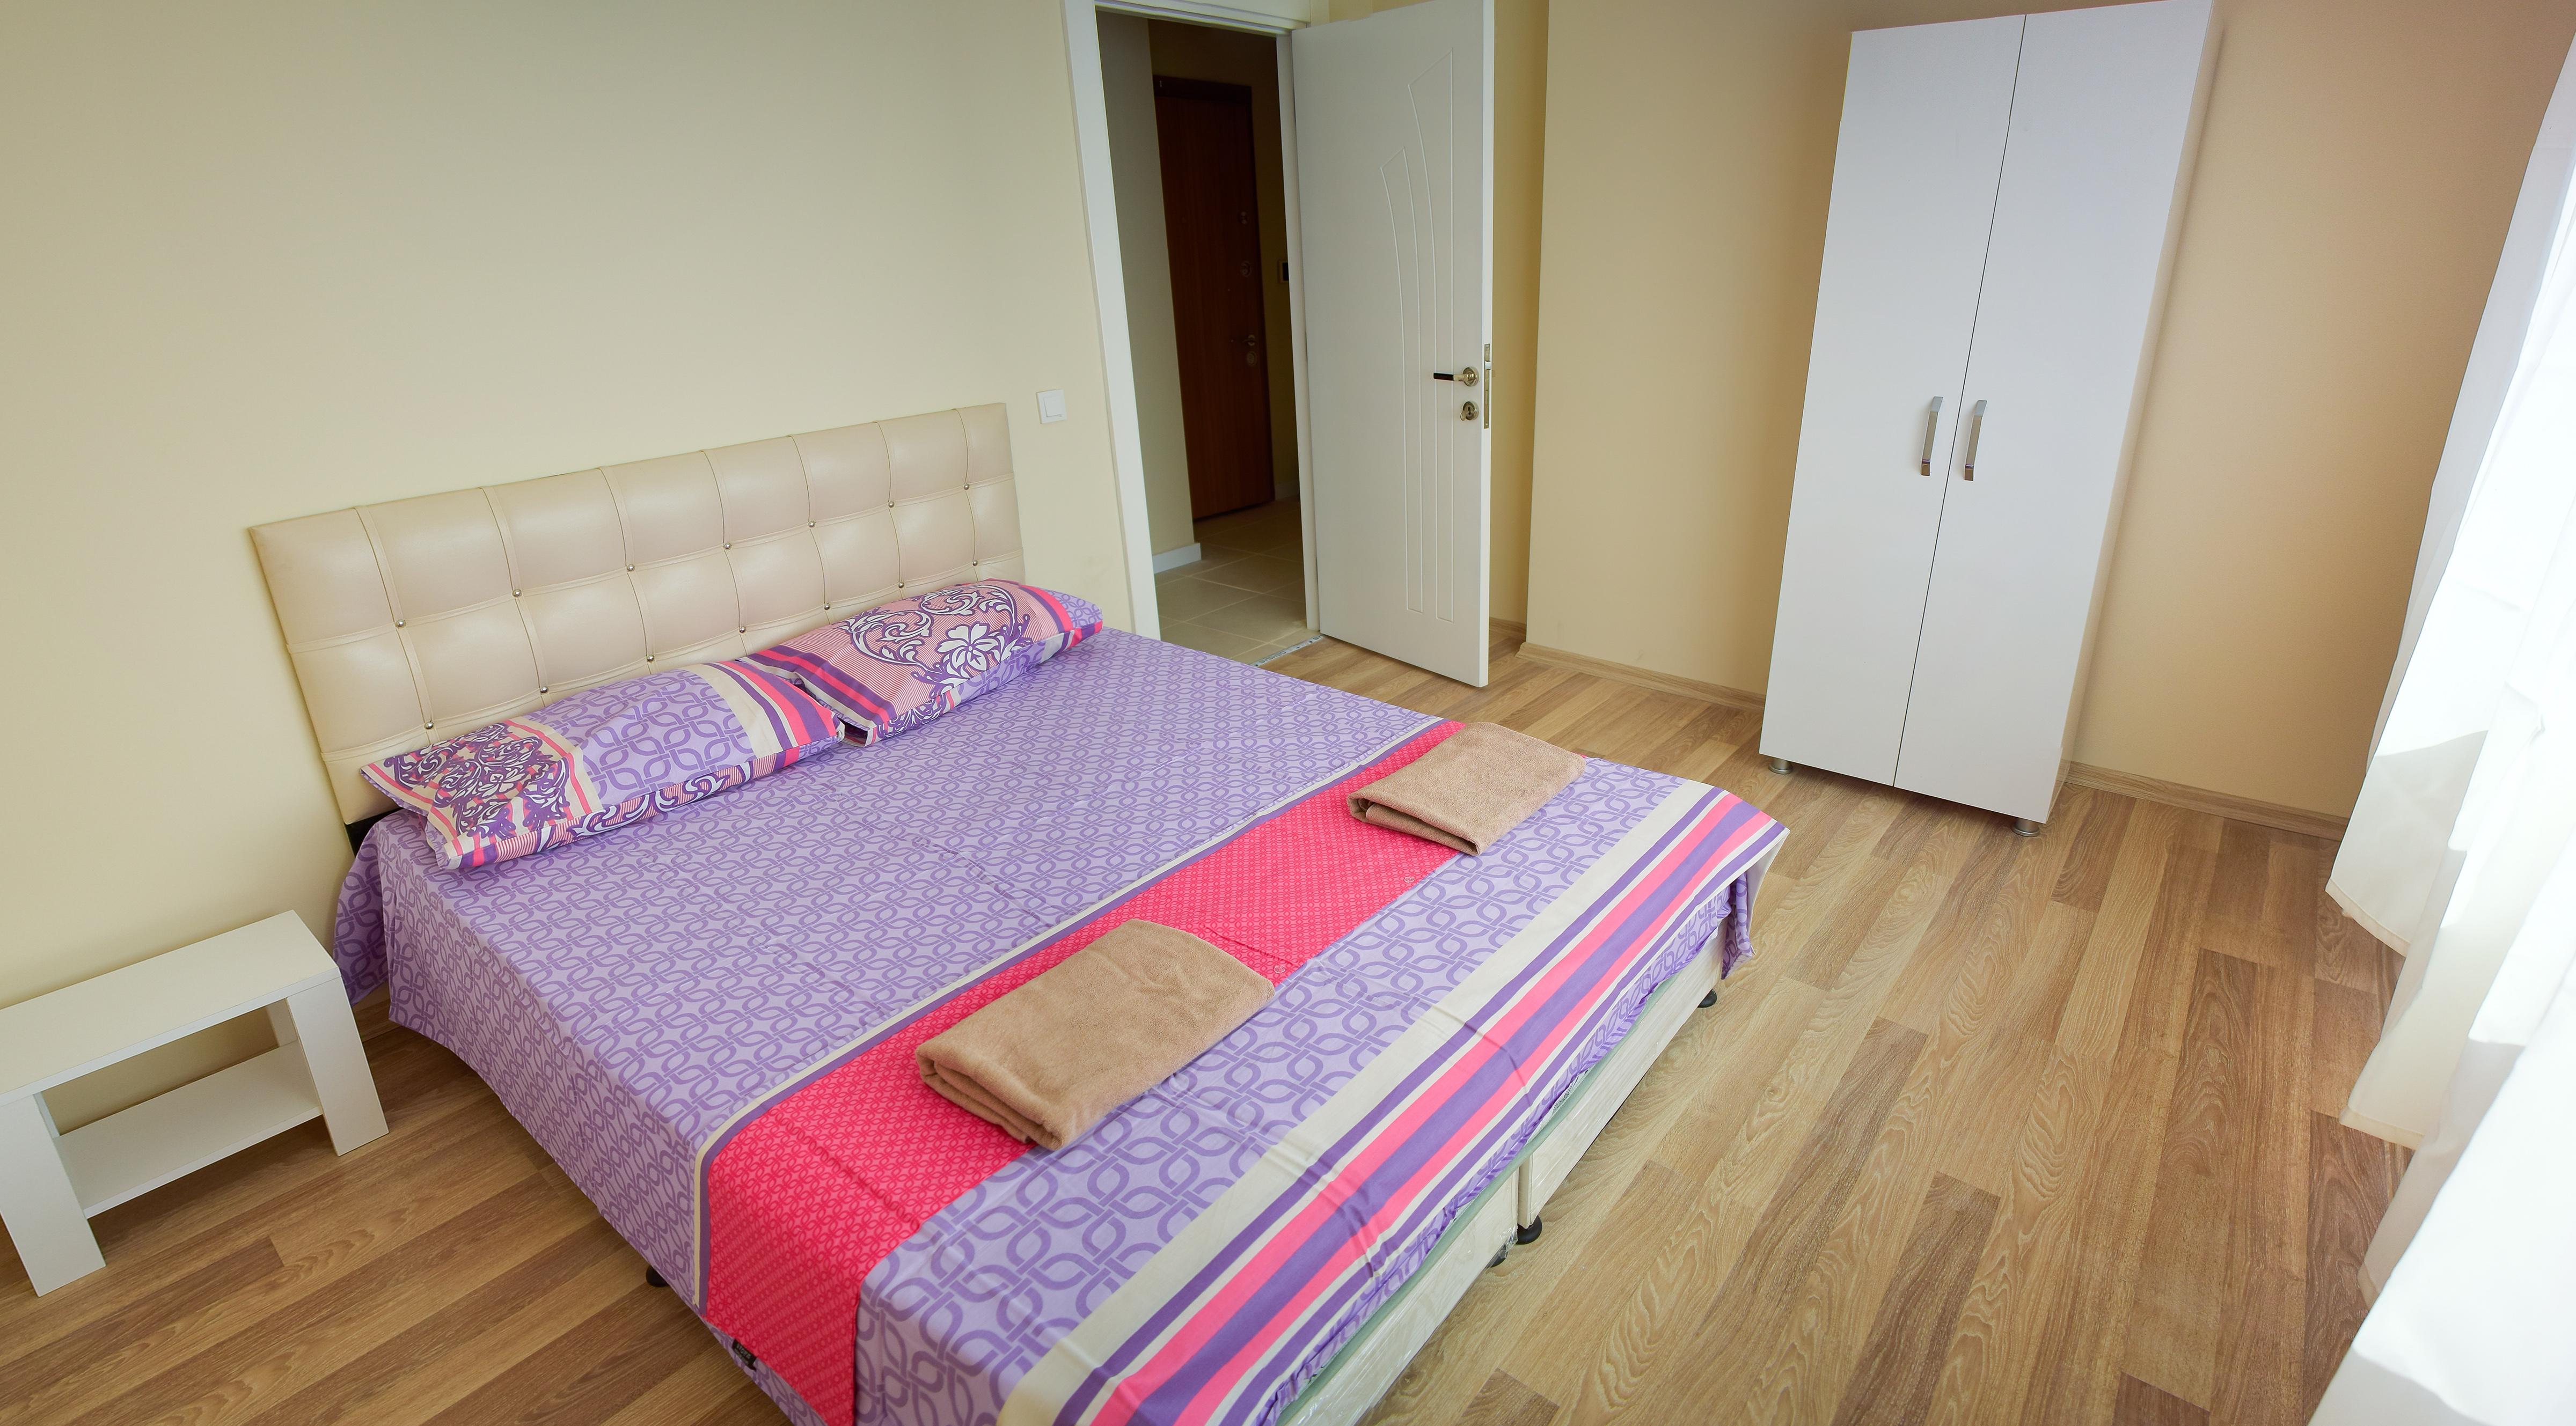 Ferienwohnung Gerumige 2 Schlafzimmer fr 5 Personen mit Blick auf die Berge Gratis Wifi (2782160), Çakirlar, , Mittelmeerregion, Türkei, Bild 7